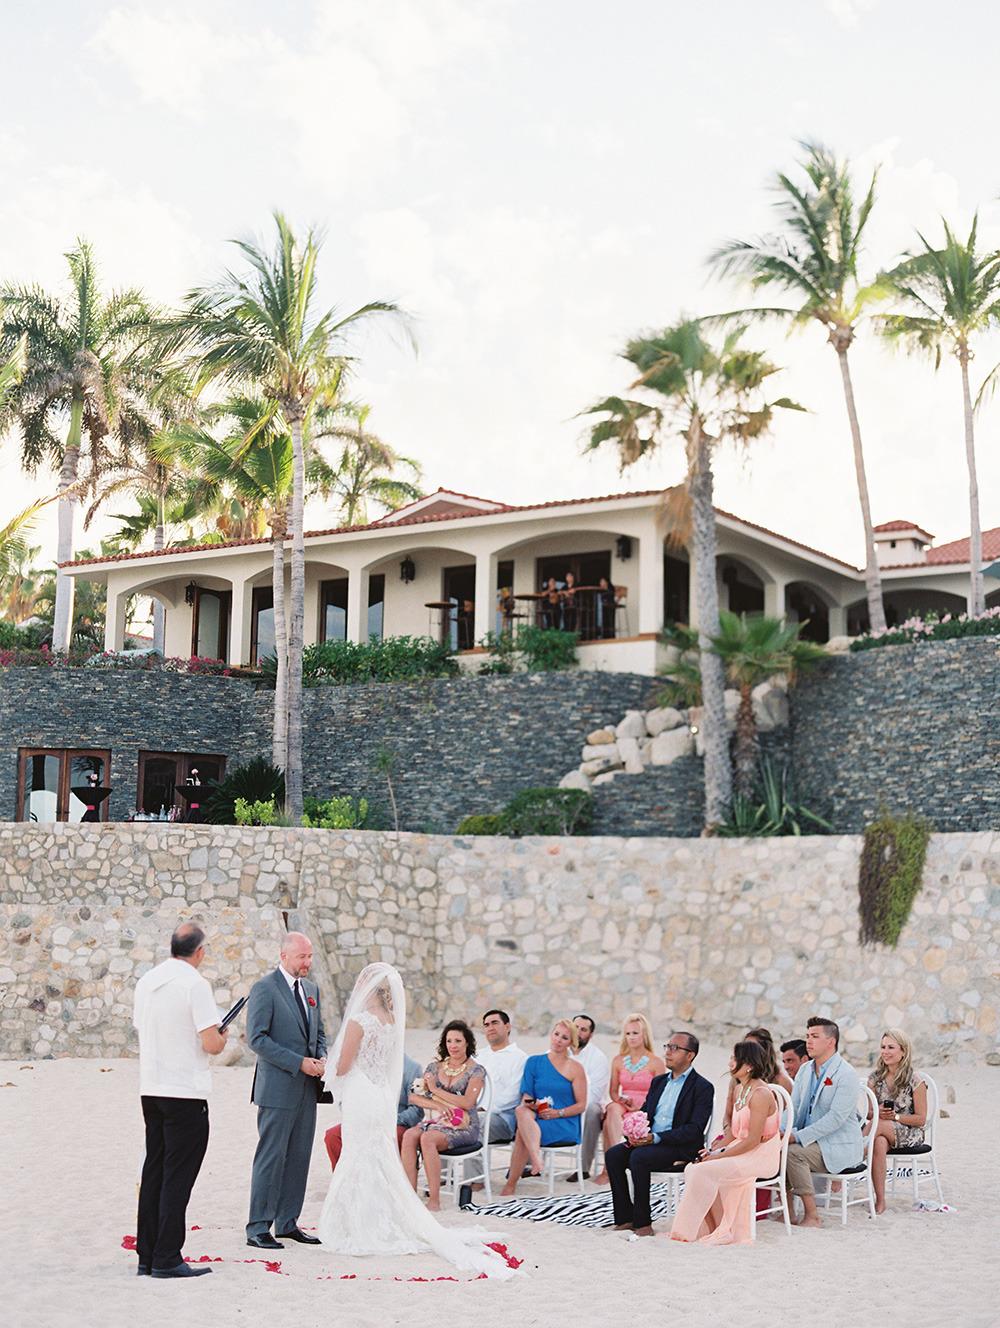 Los Cabos Mexico Destination Wedding at Beachfront Villa Captiva